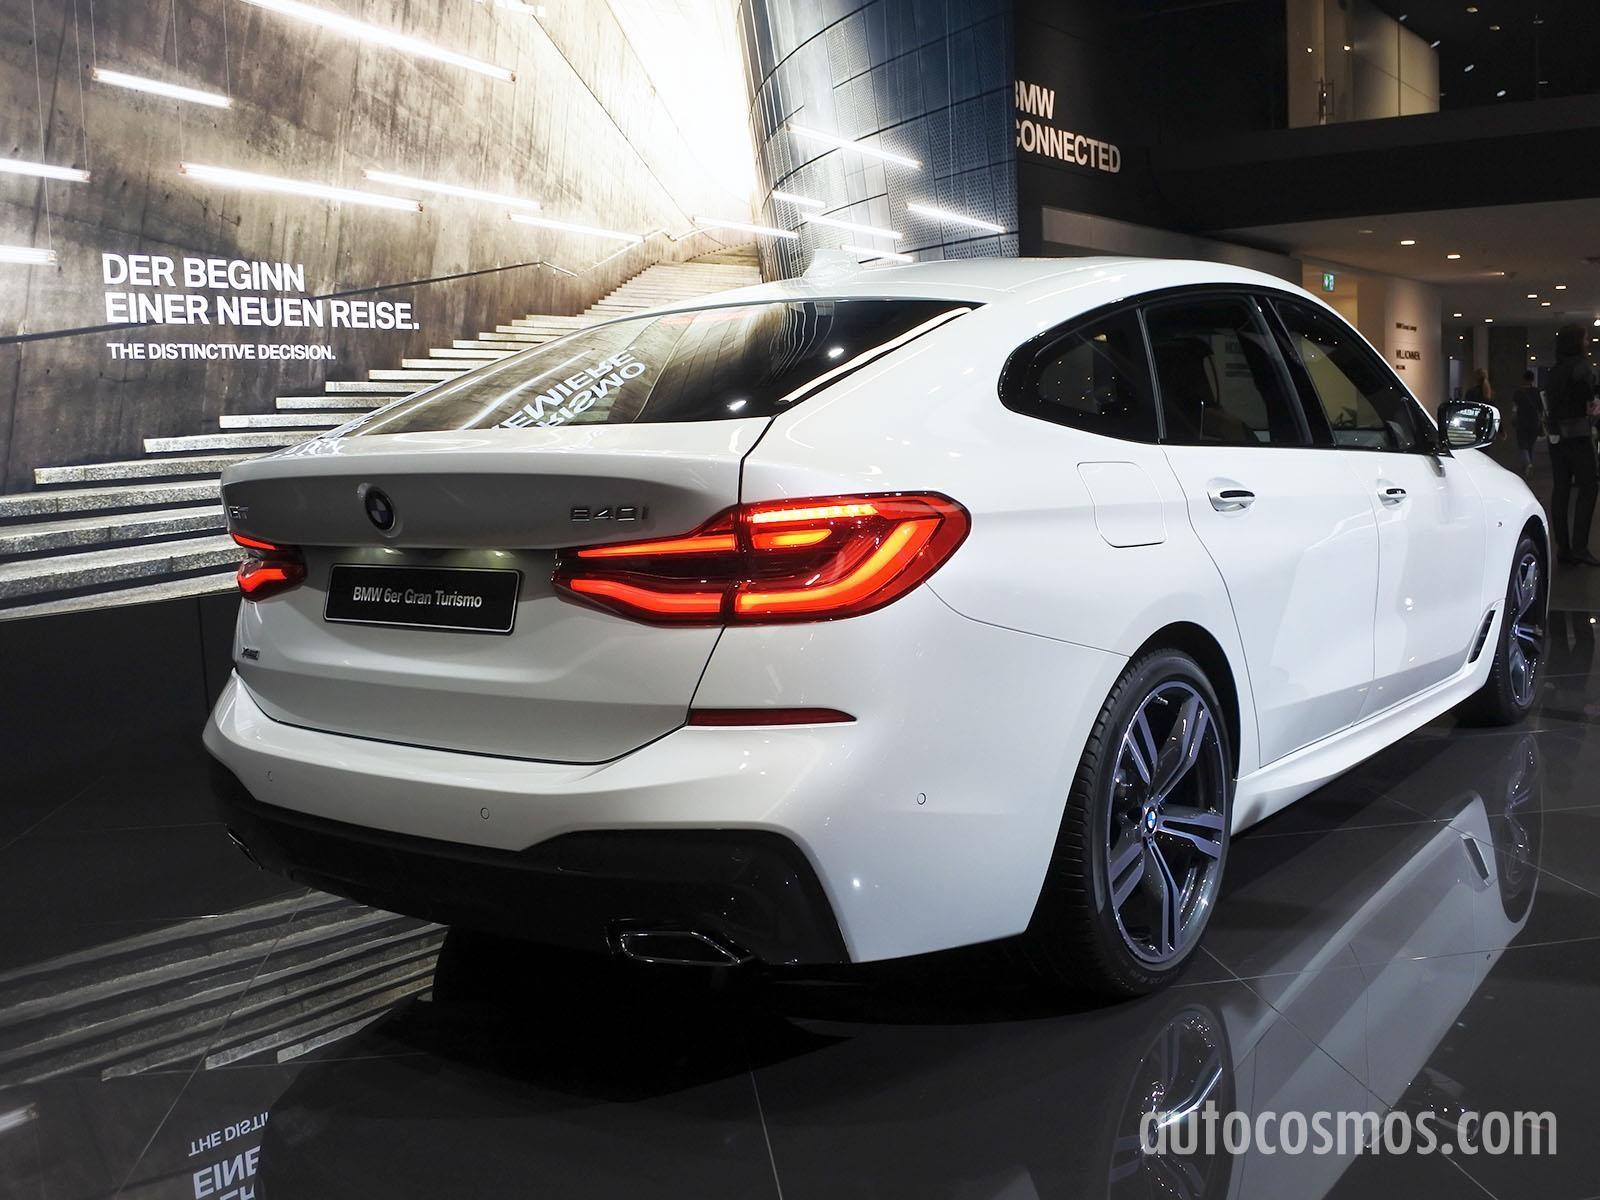 BMW Serie 6 Gran Turismo, digno sucesor del Serie 5 GT